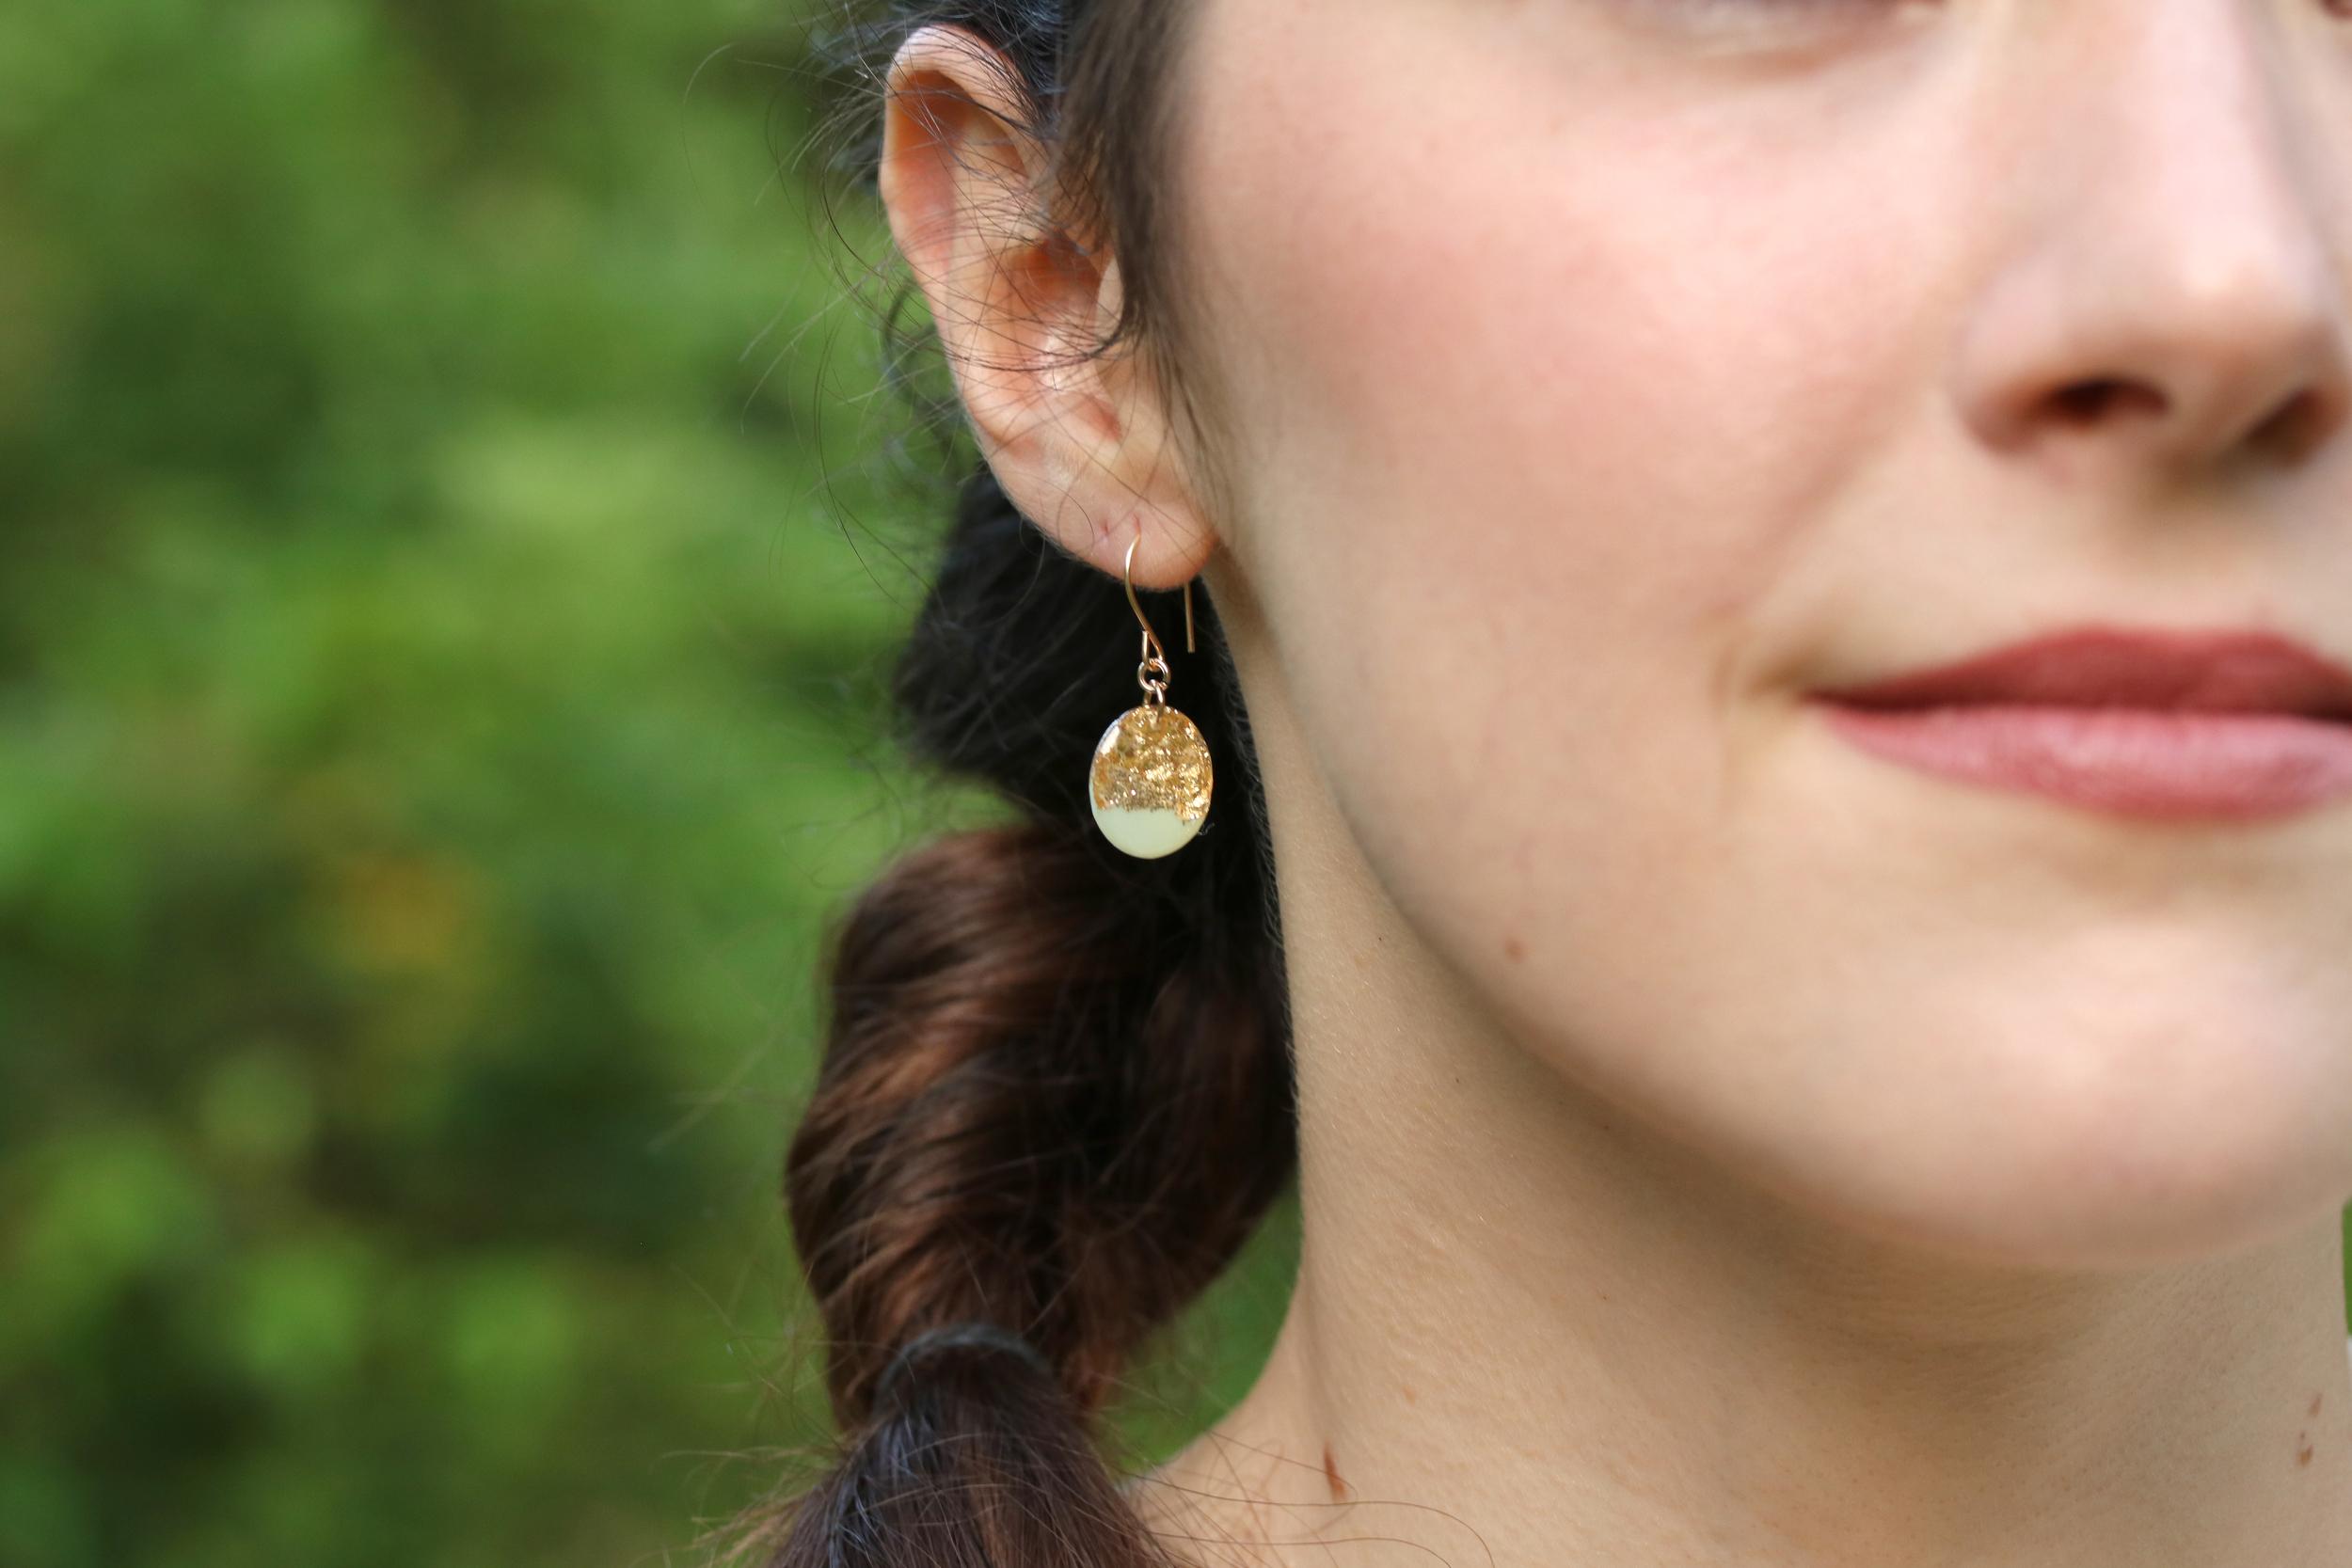 oval earrings